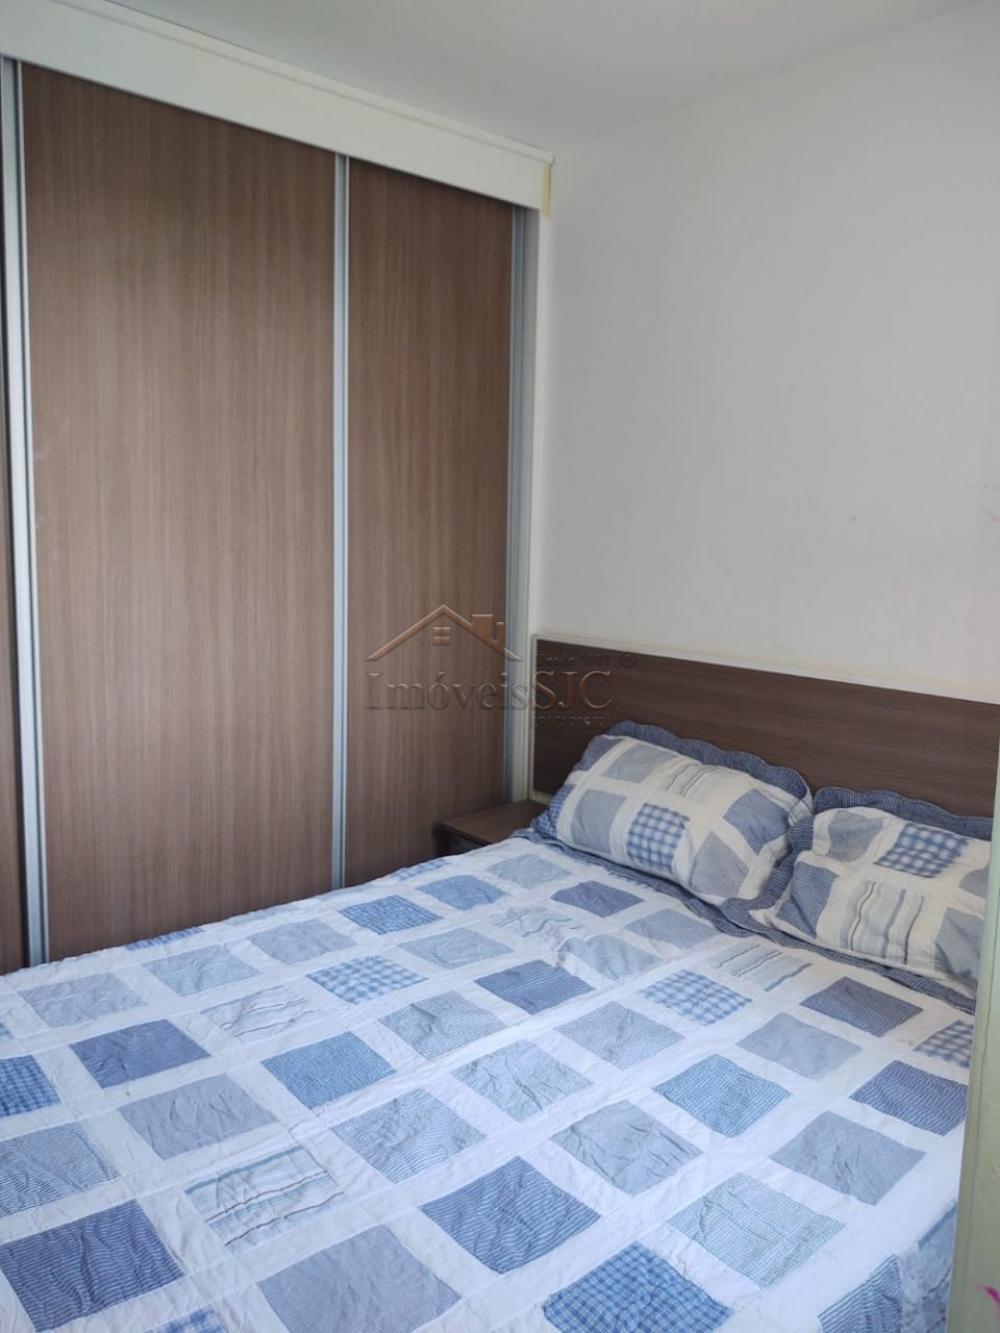 Comprar Apartamentos / Padrão em São José dos Campos apenas R$ 213.000,00 - Foto 3